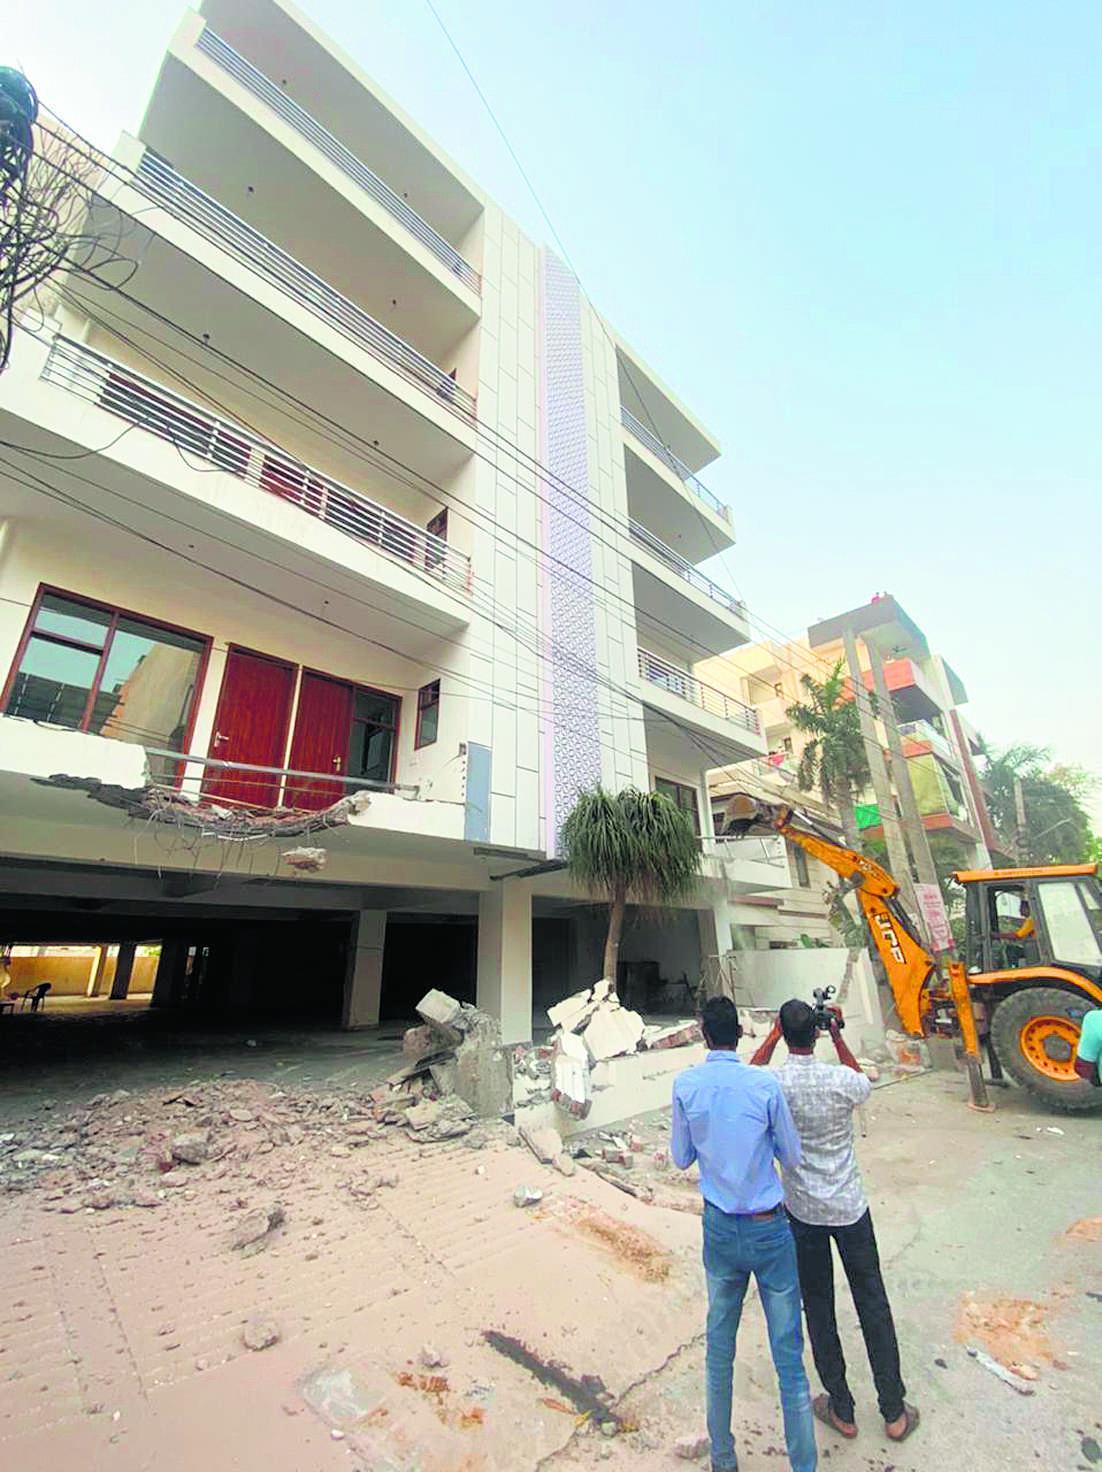 नहीं ली बिल्डिंग की कंप्लीशन, निगम की सांकेतिक कार्रवाई